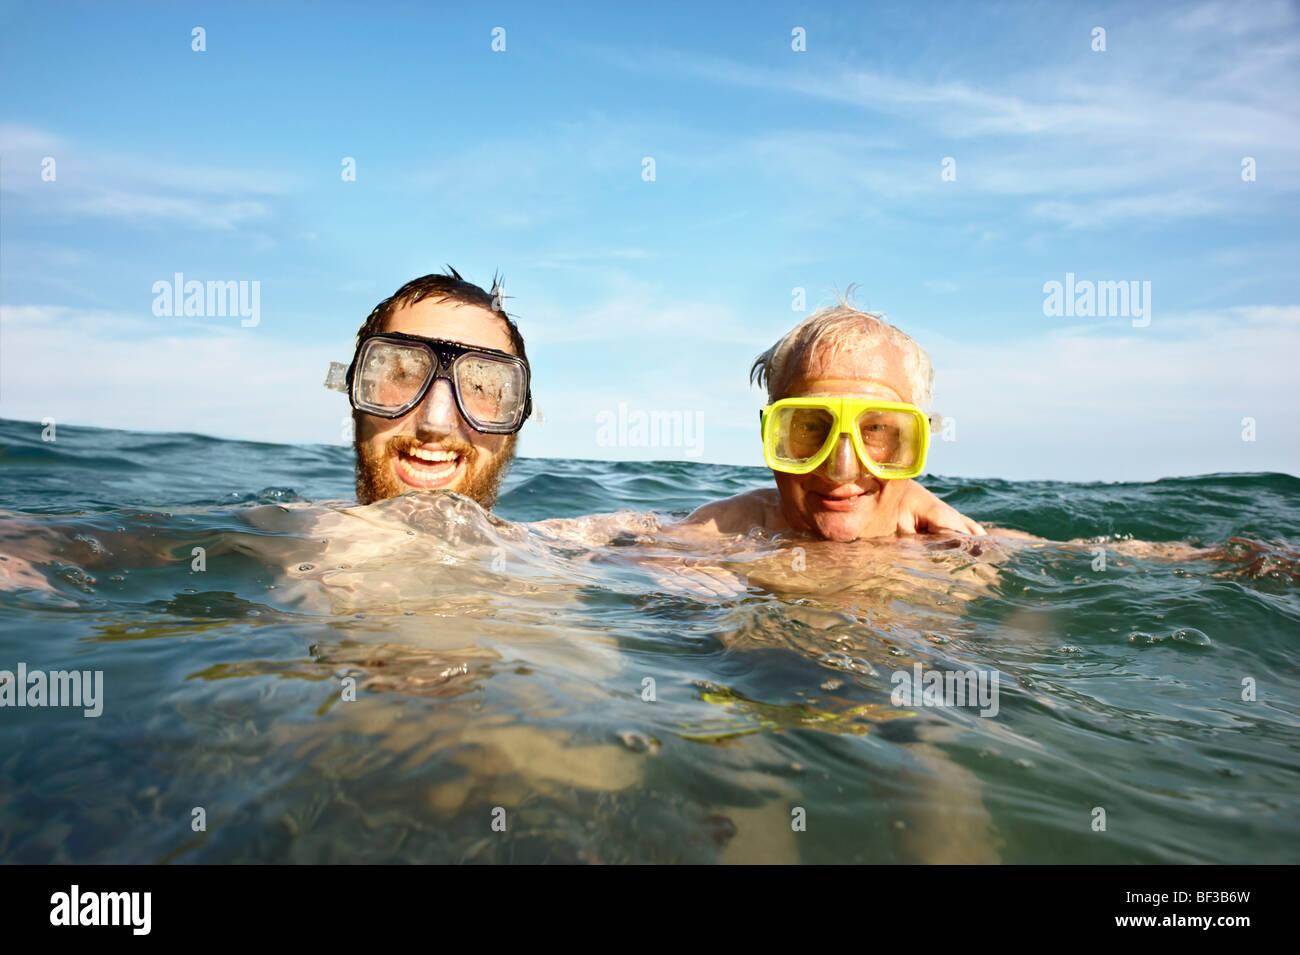 Retrato de dos hombres nadando en el mar Imagen De Stock